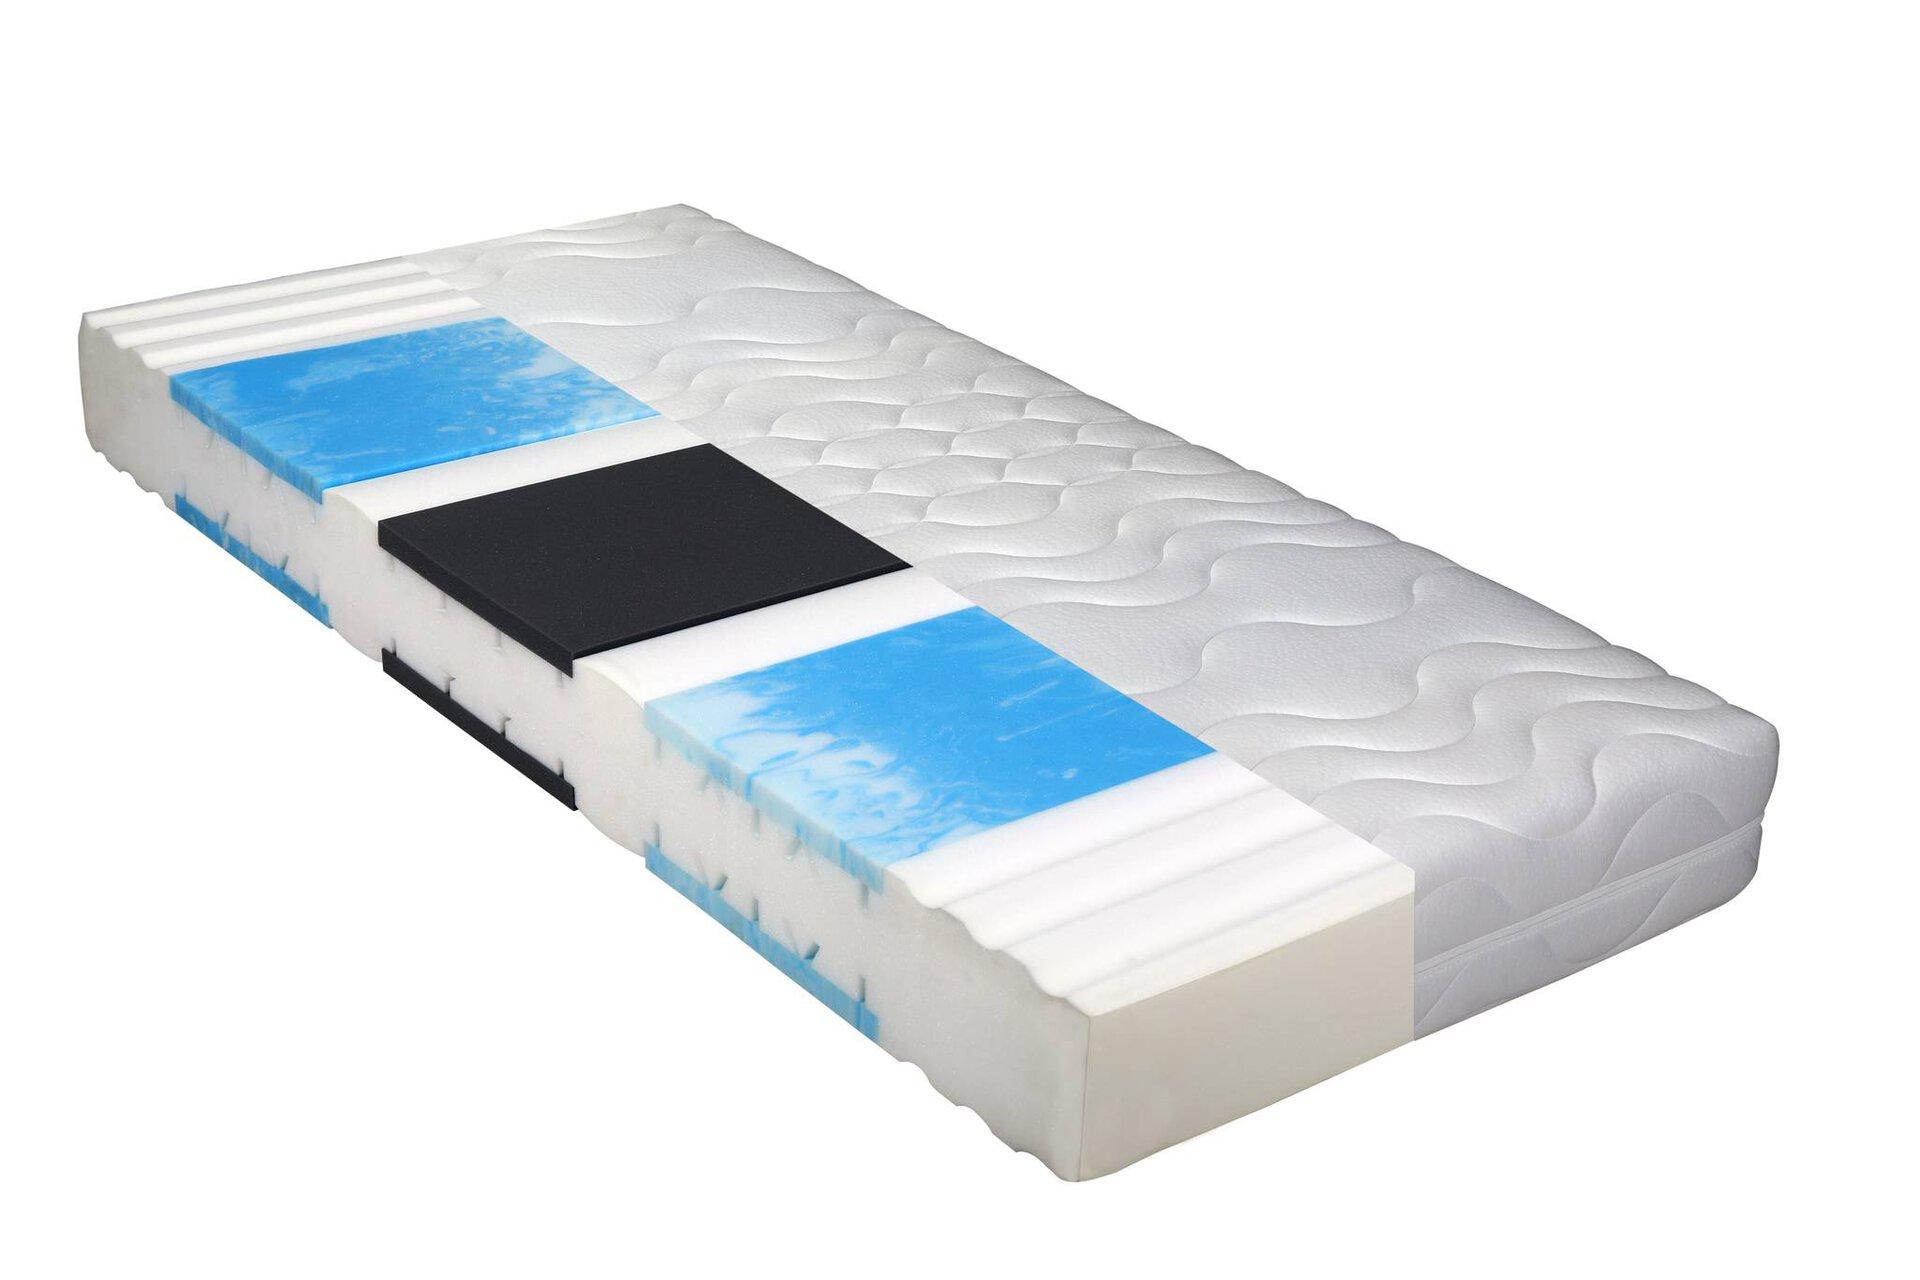 Komfortschaummatratze Emotion Top H3 BeCo Textil weiß 140 x 22 x 200 cm